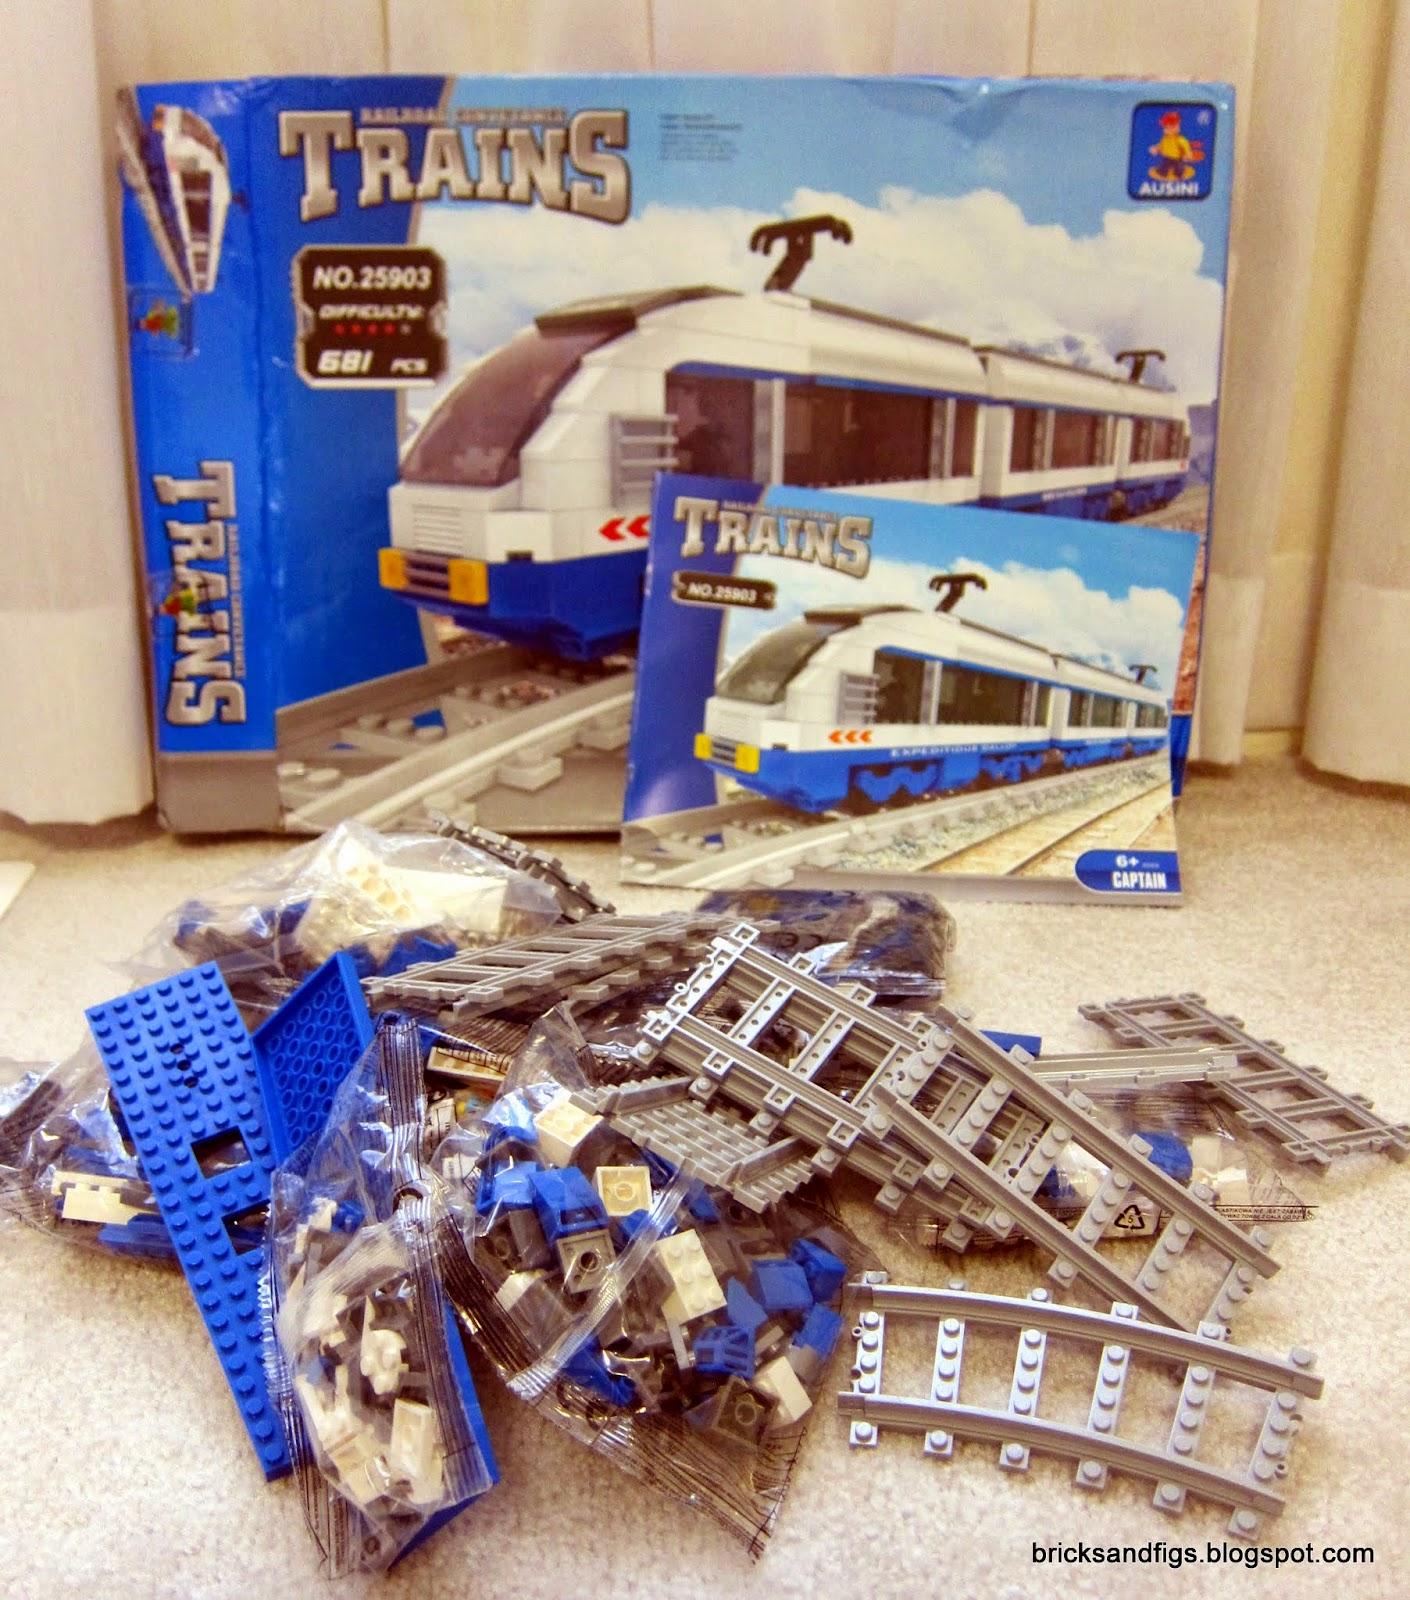 It's Not Lego!: How to buy bootleg Lego